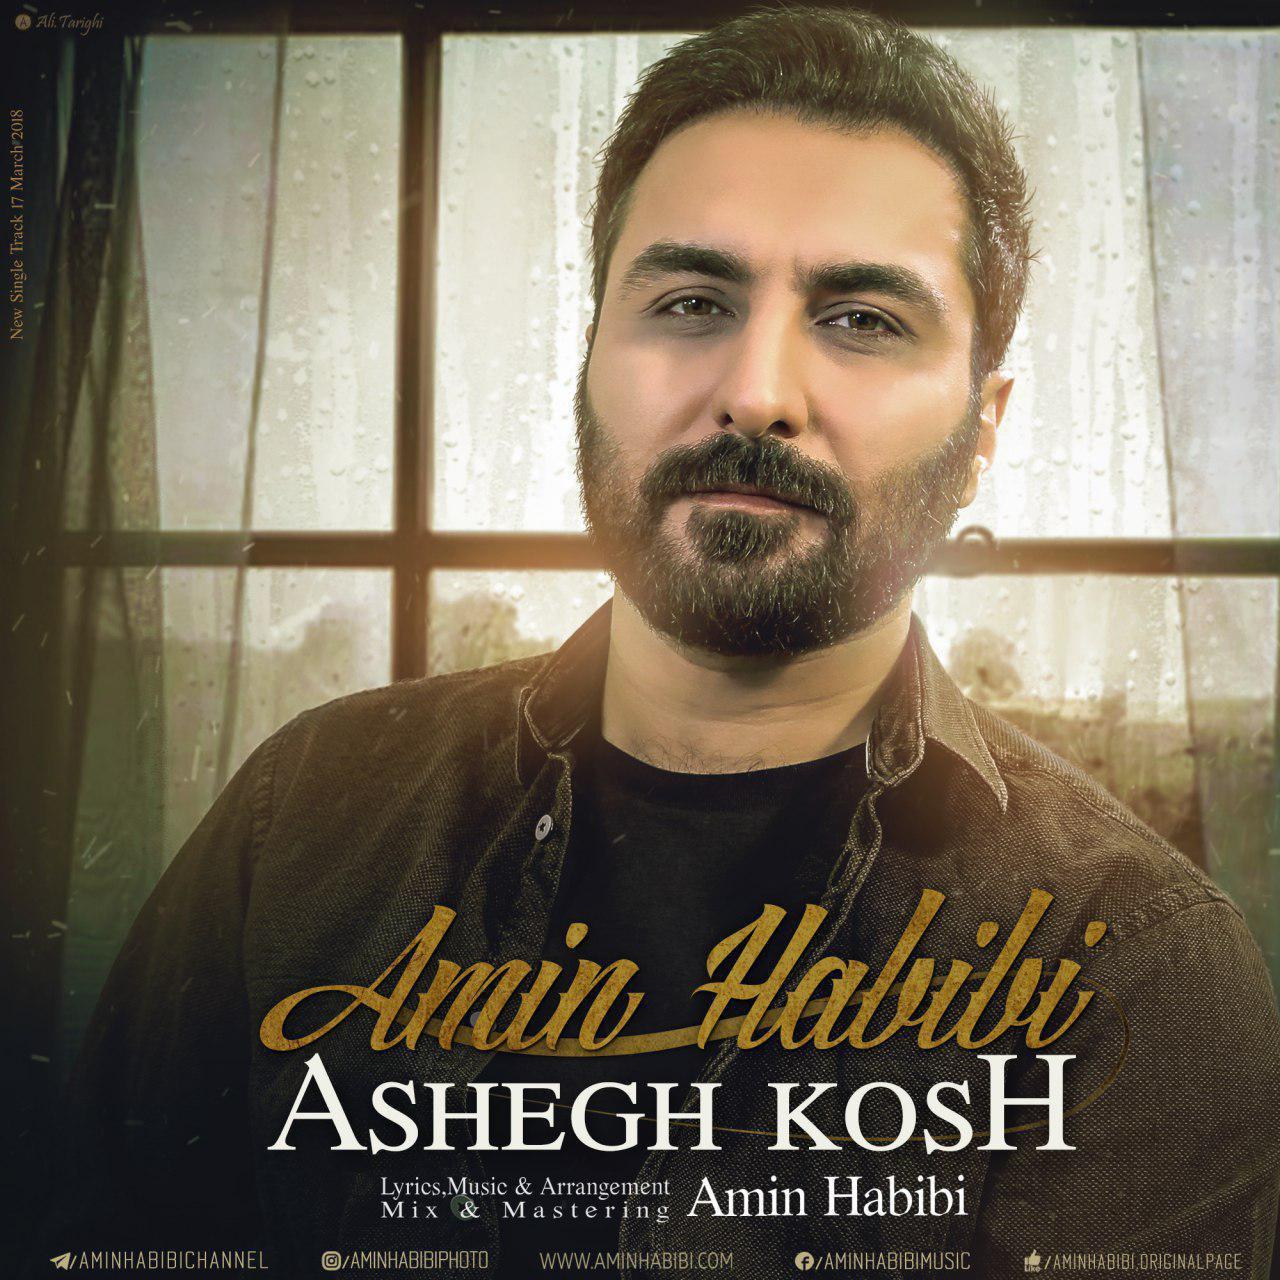 Amin Habibi – Ashegh Kosh